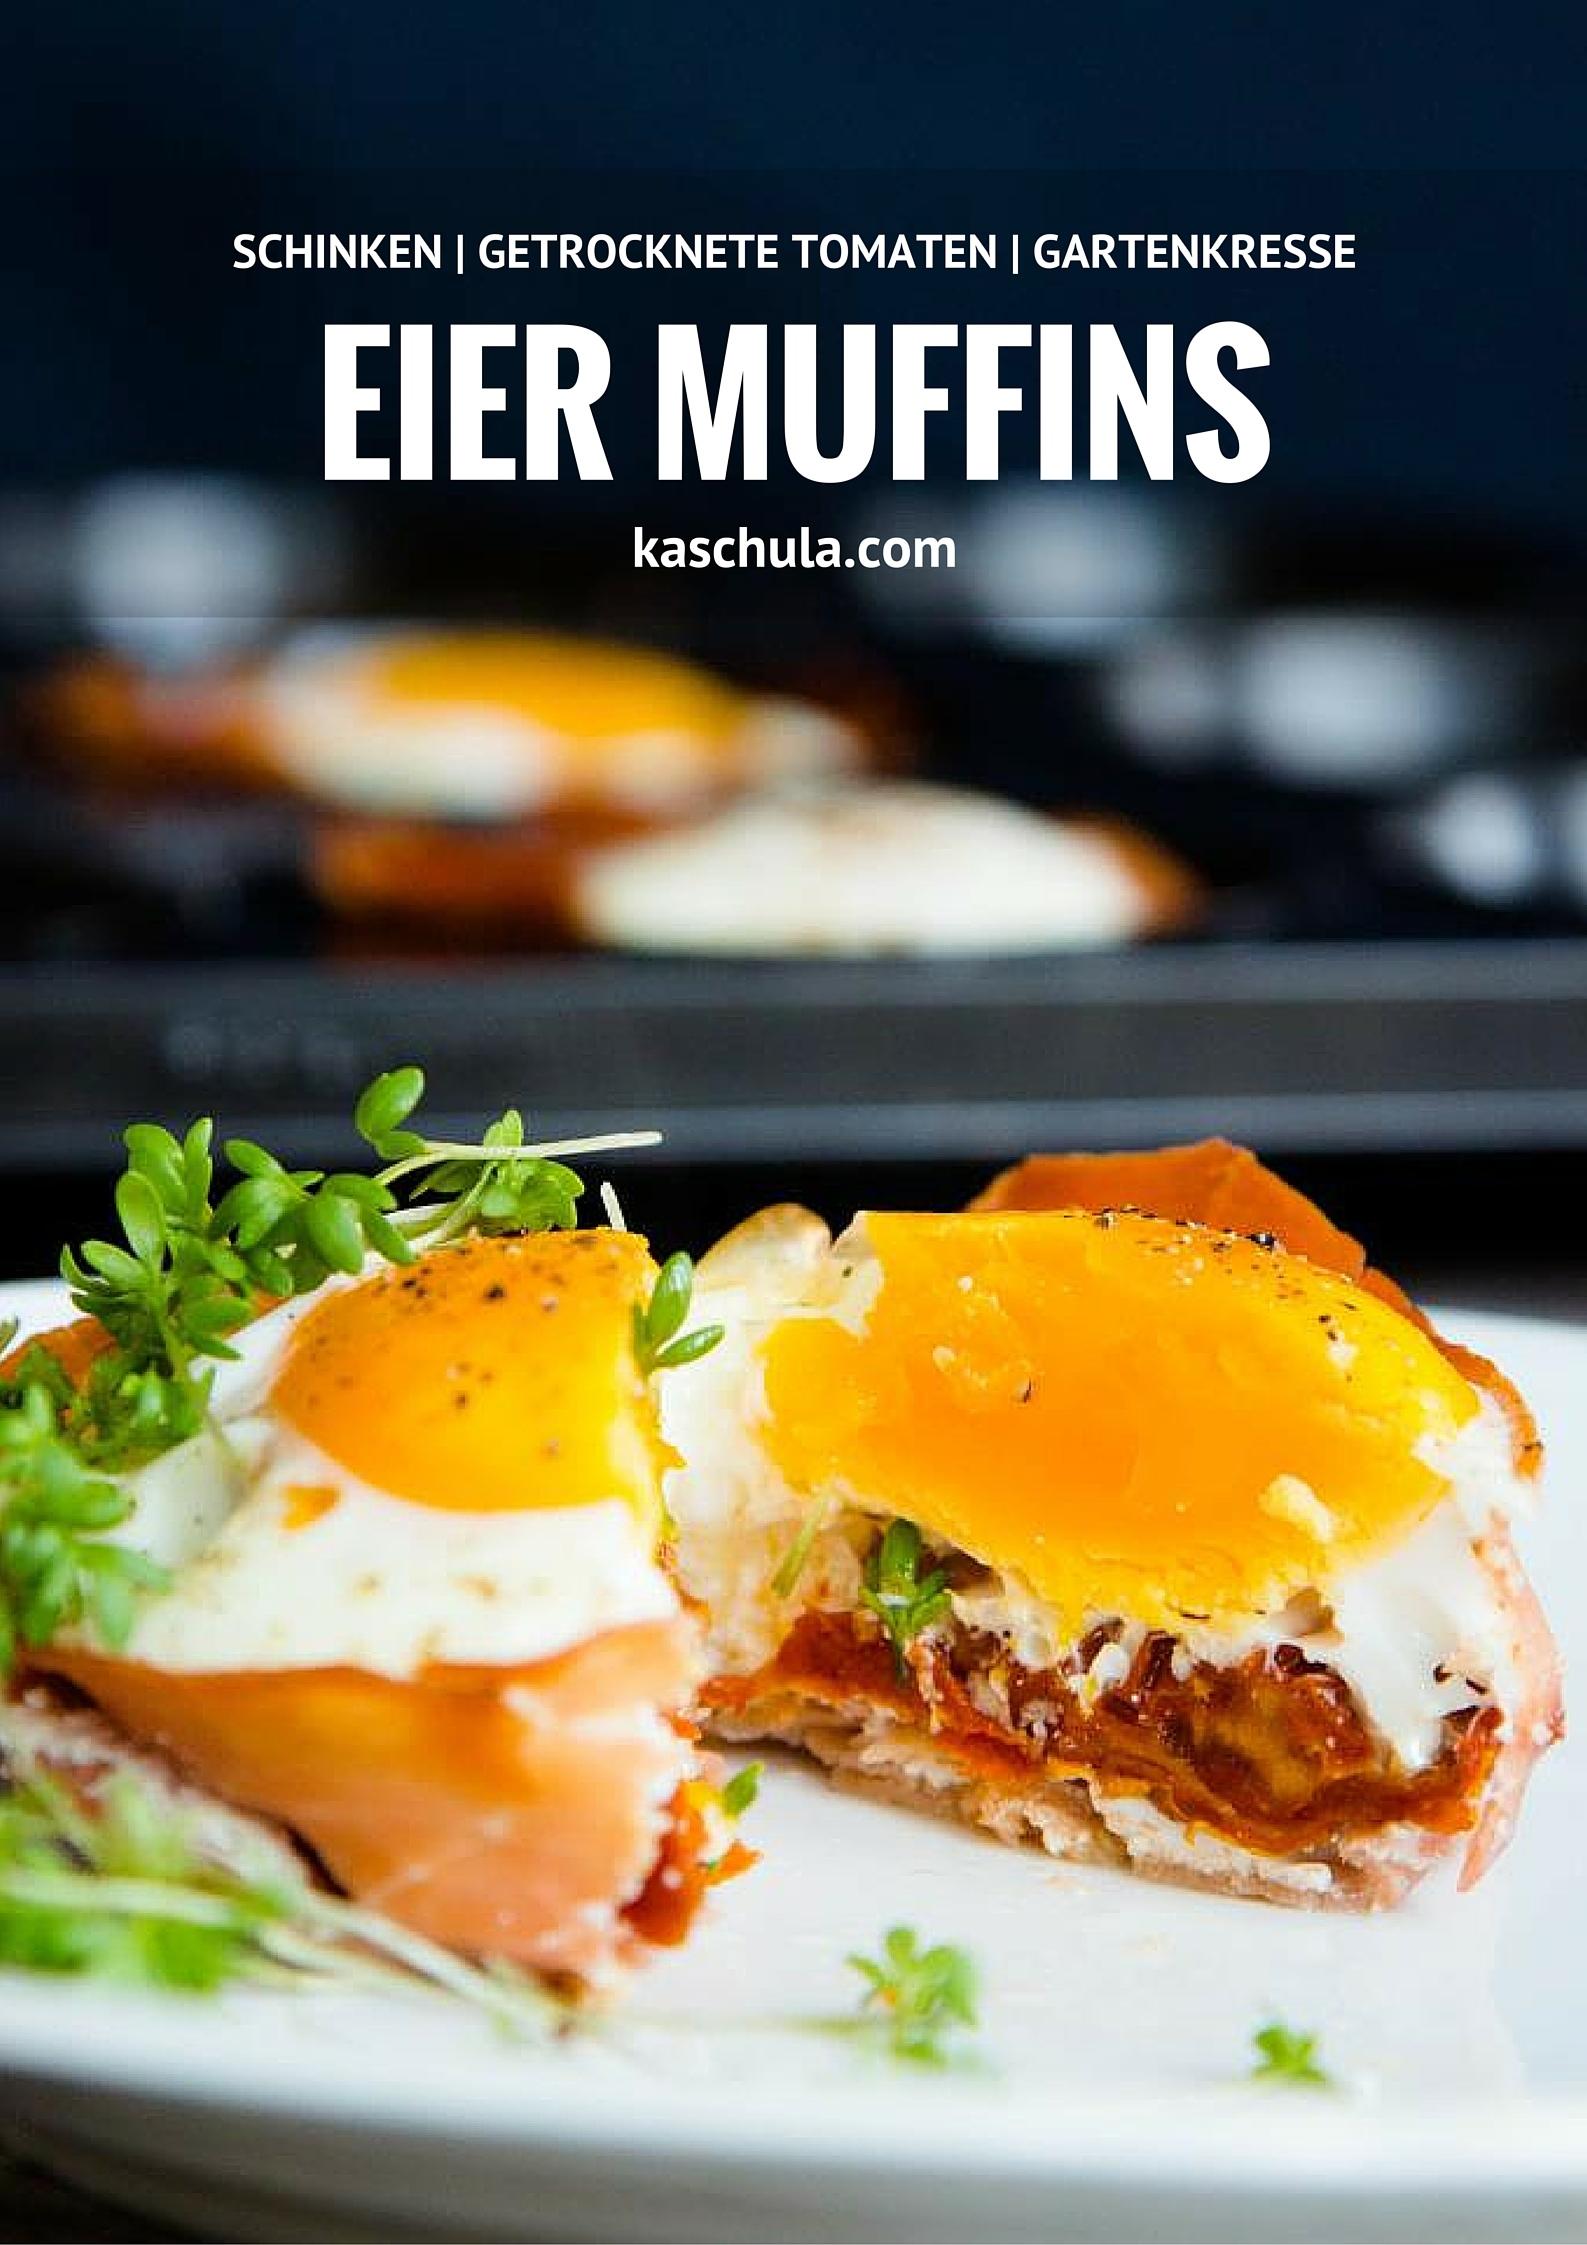 Eier-Muffins-mit-Schinken-getrockneten-Tomaten-Gartenkresse-Rezept-17